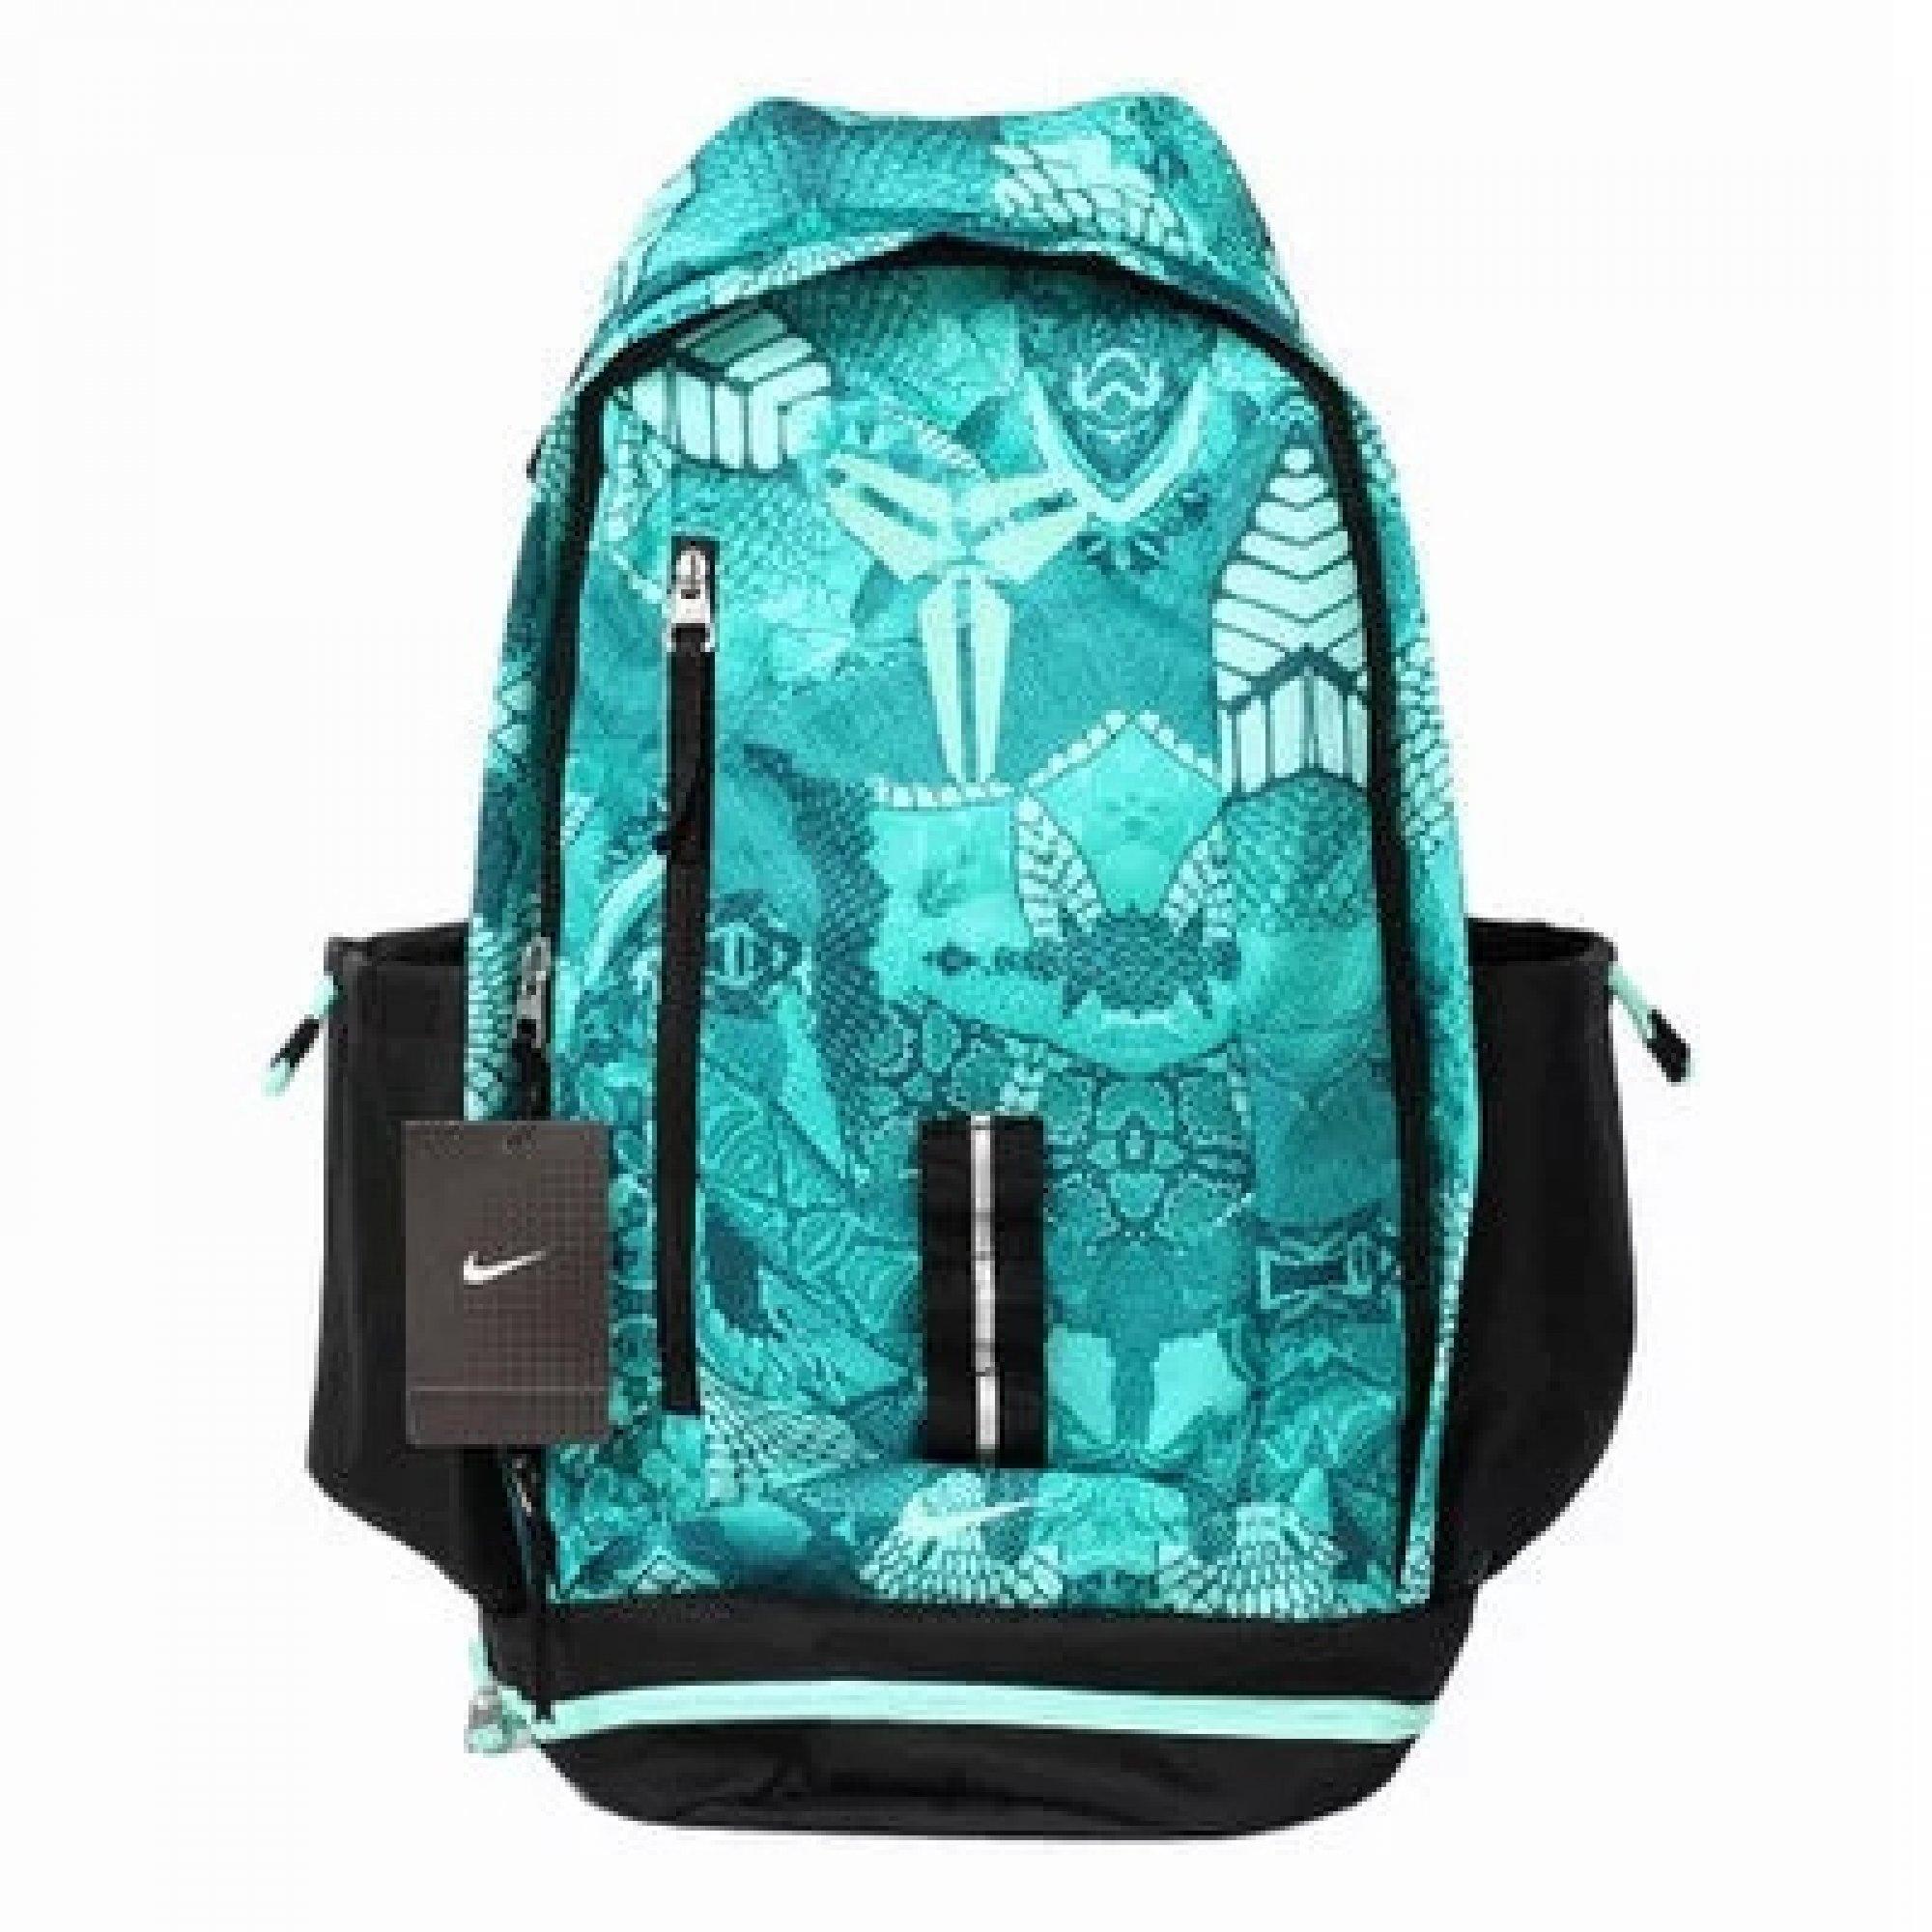 17287c5aa6 Nike Kobe green black NBA backpack – brandedleftovers